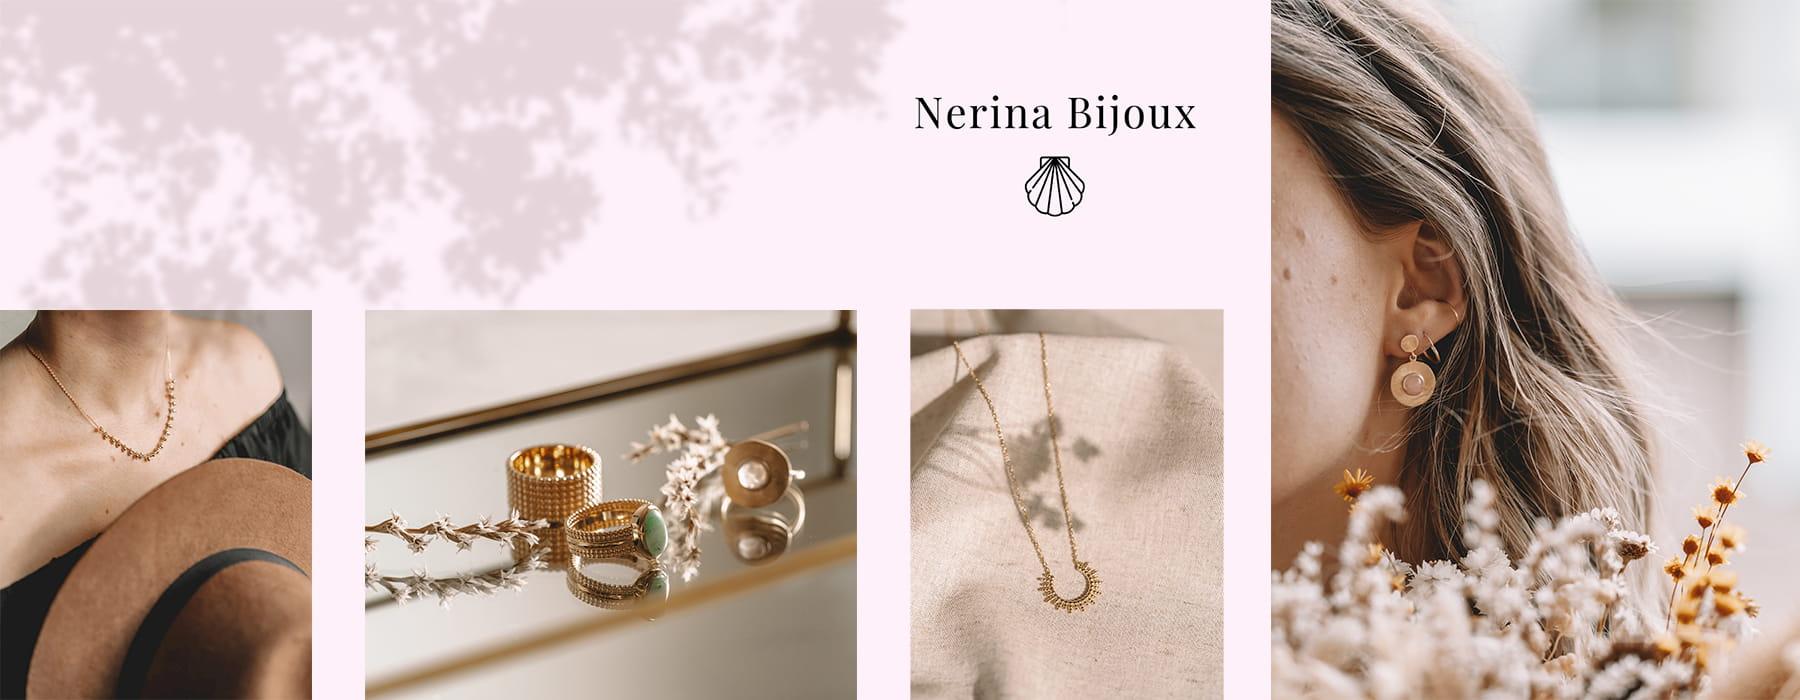 nerina bijoux bijoux fantaisie de